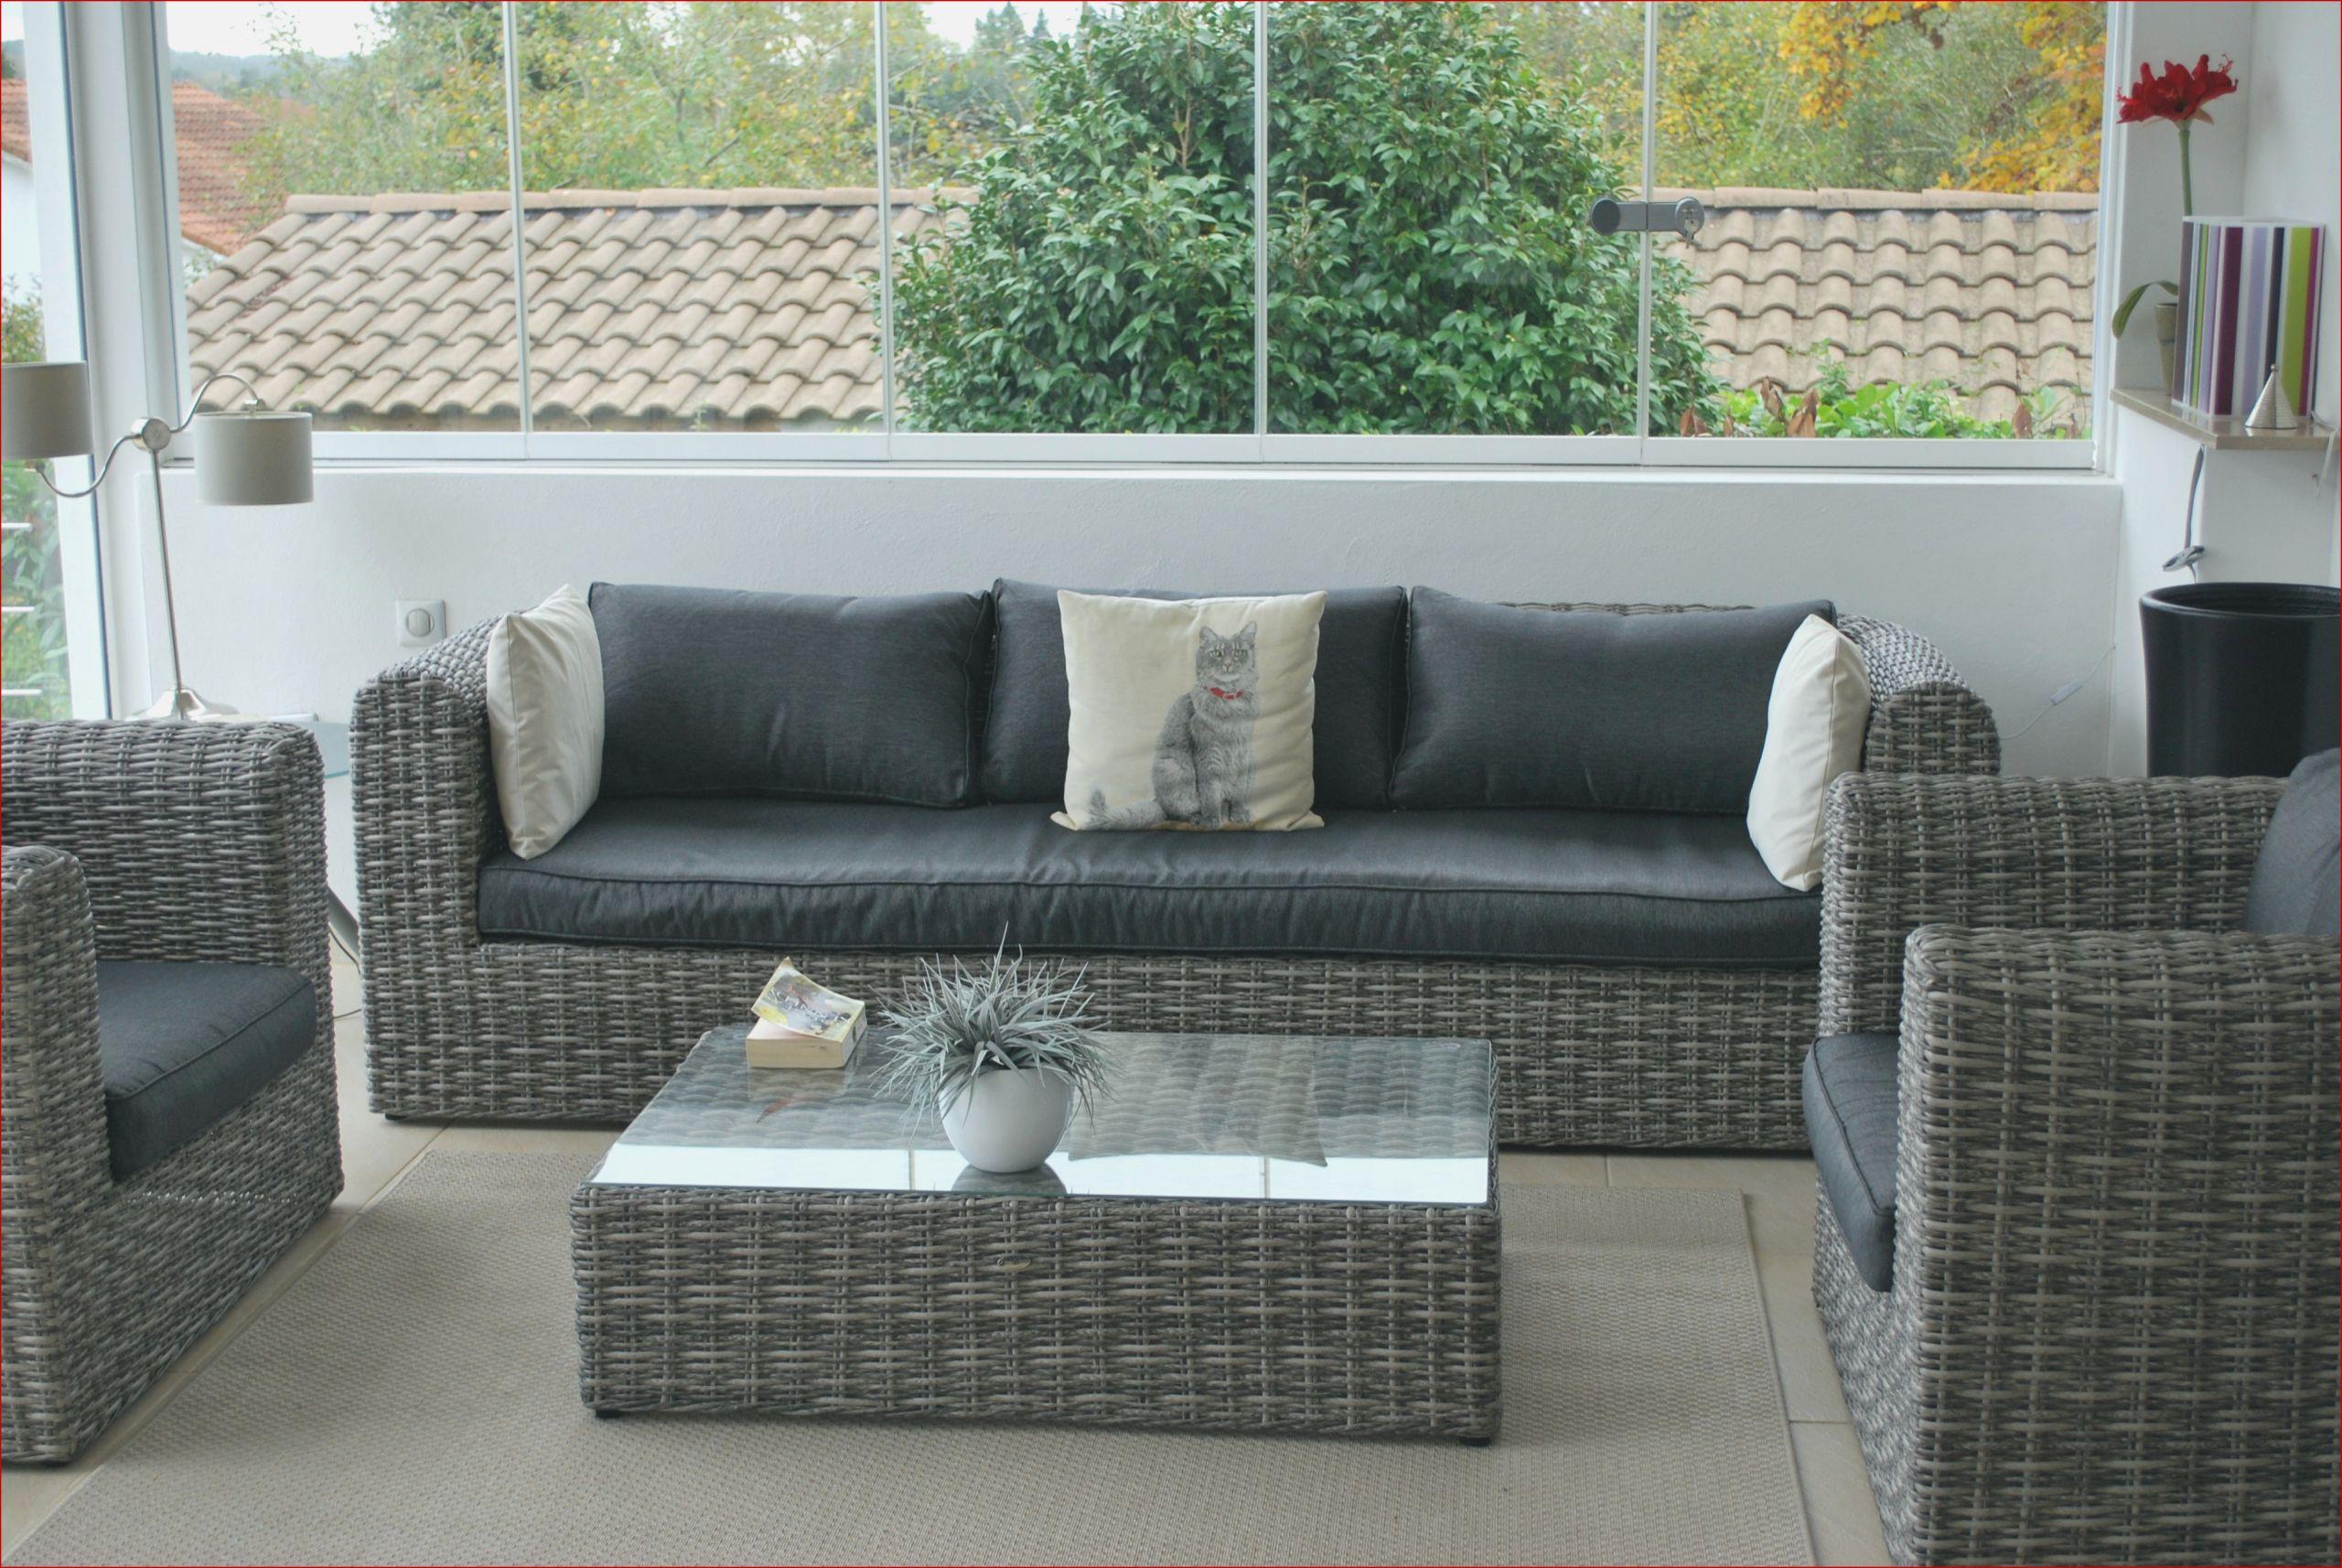 soldes mobilier de jardin solde salon de jardin resine tressee belle mobilier de jardin design